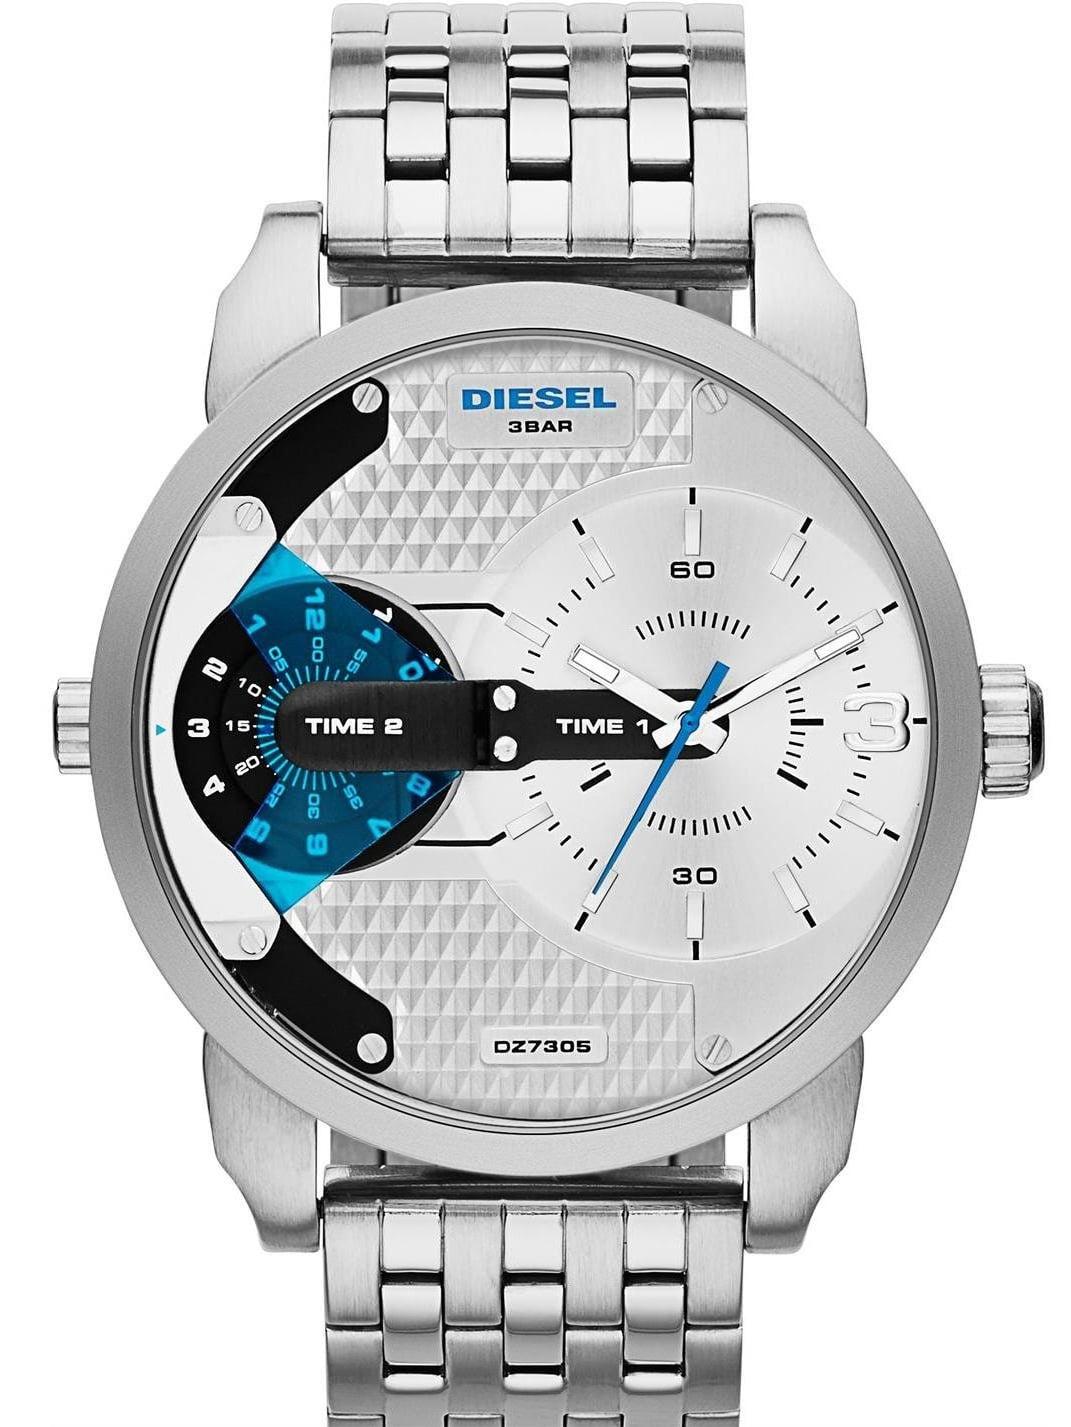 Diesel Men's 51mm Steel Bracelet & Case Quartz White Dial Analog Watch dz7305